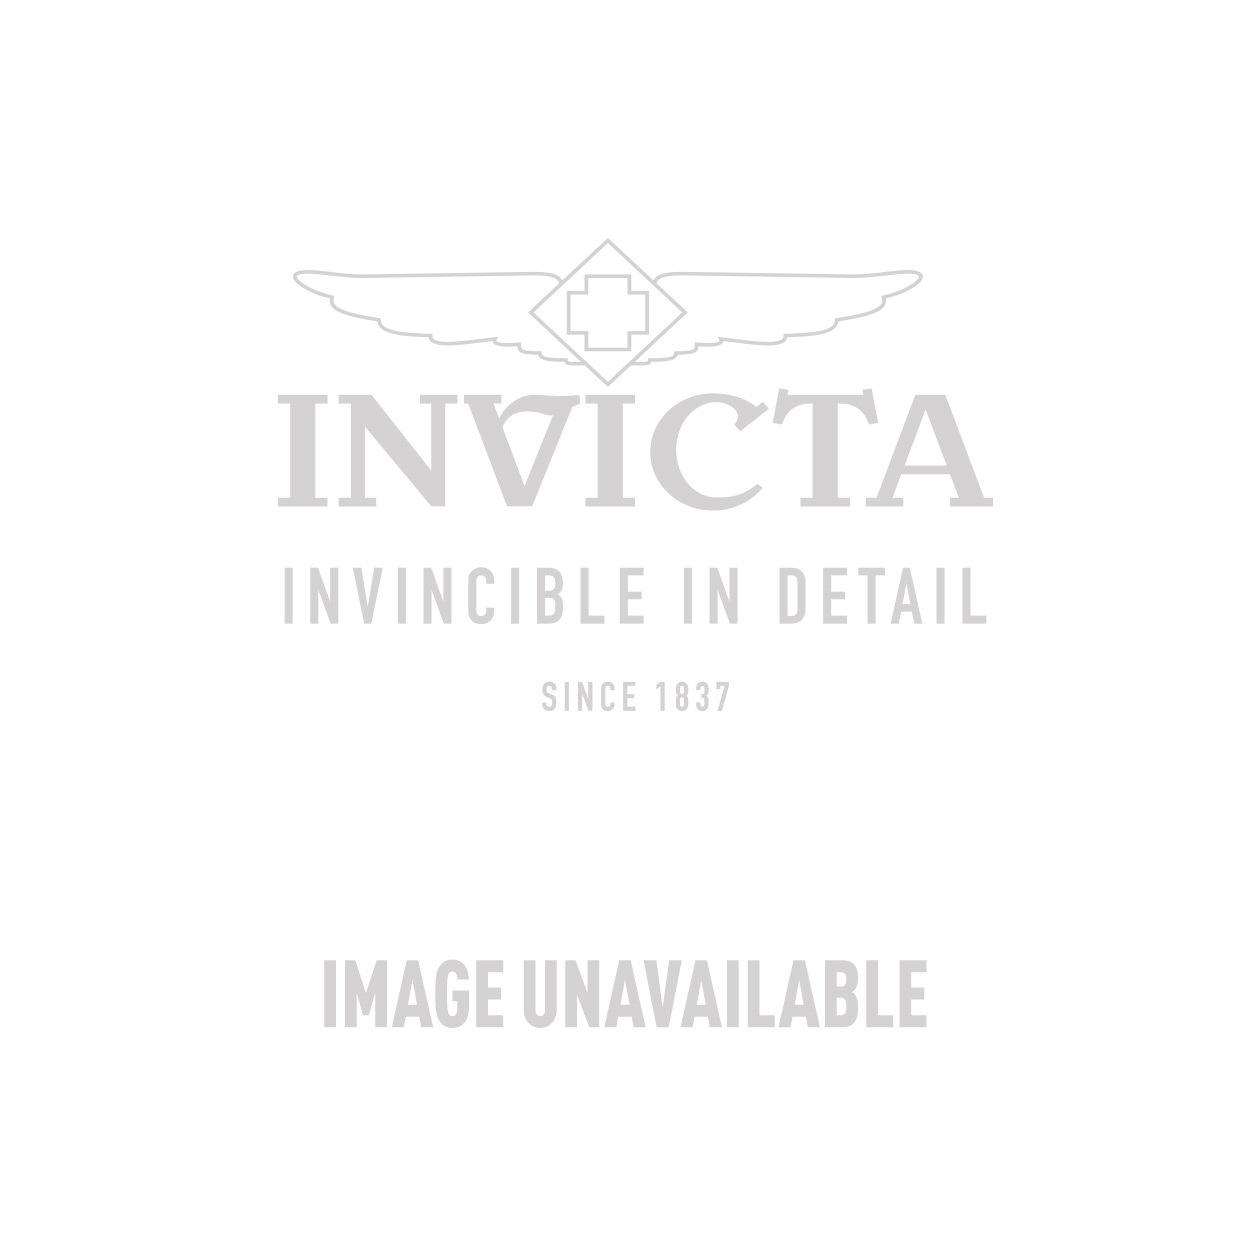 Invicta Model 25072